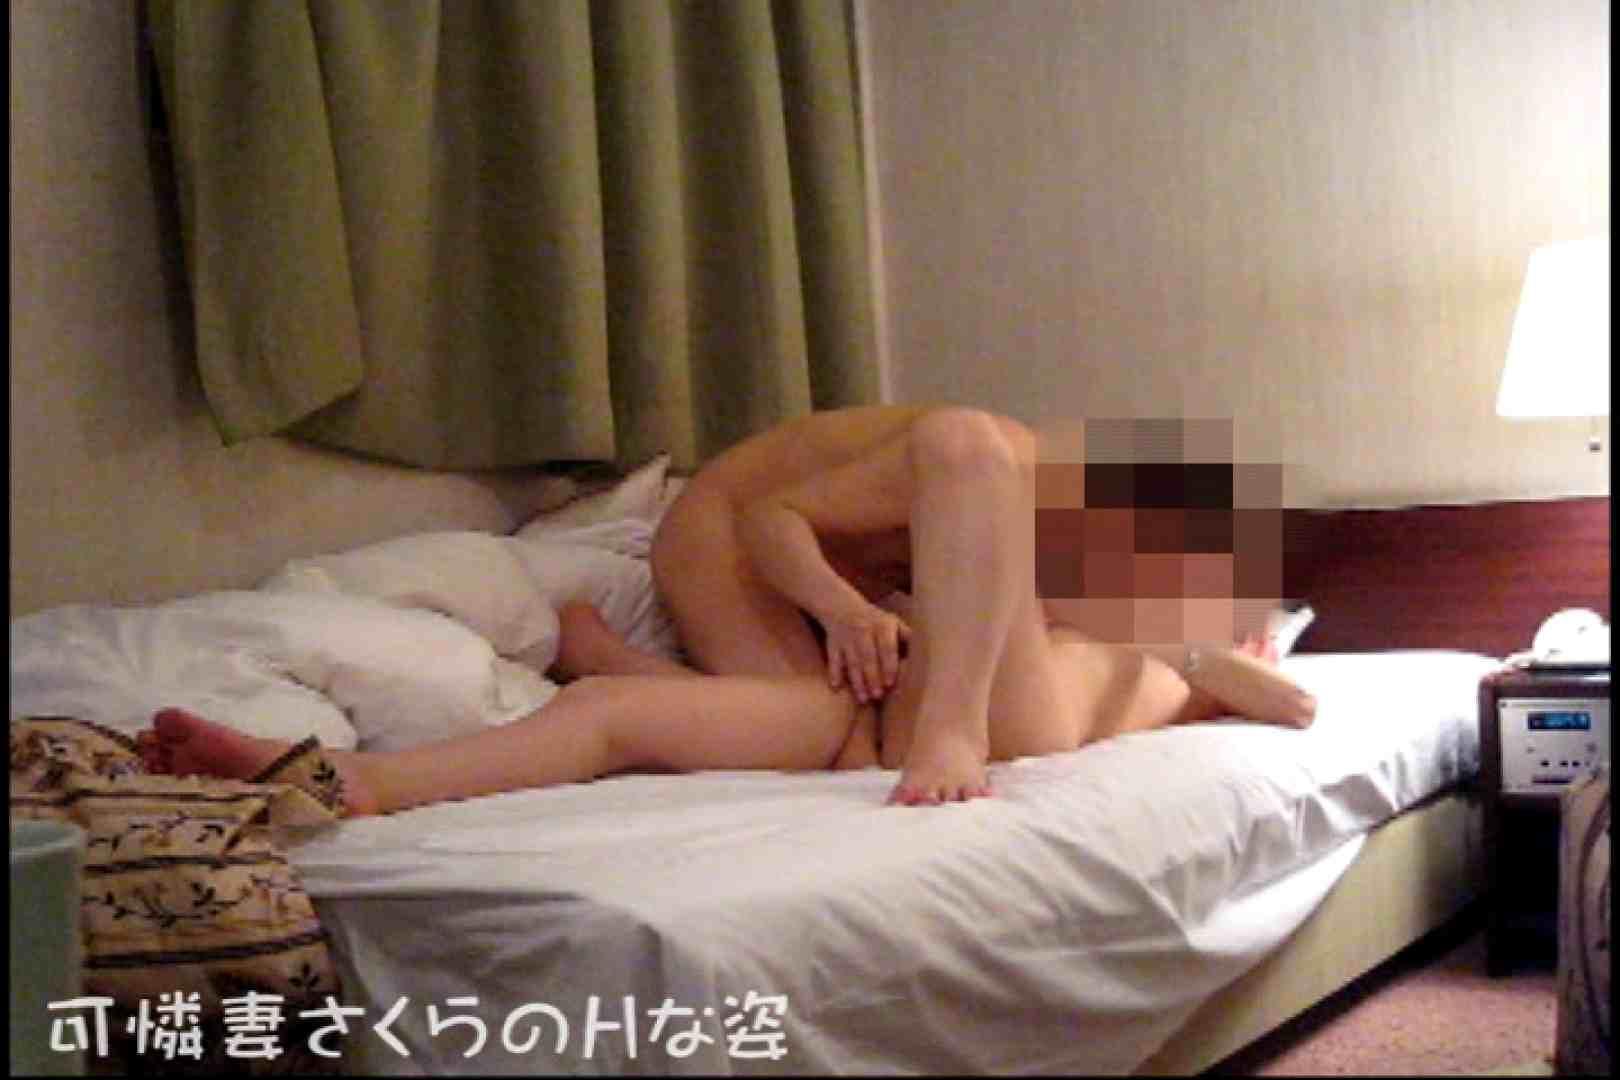 可憐妻さくらのHな姿vol.5前編 ホテル のぞき動画画像 108PIX 28